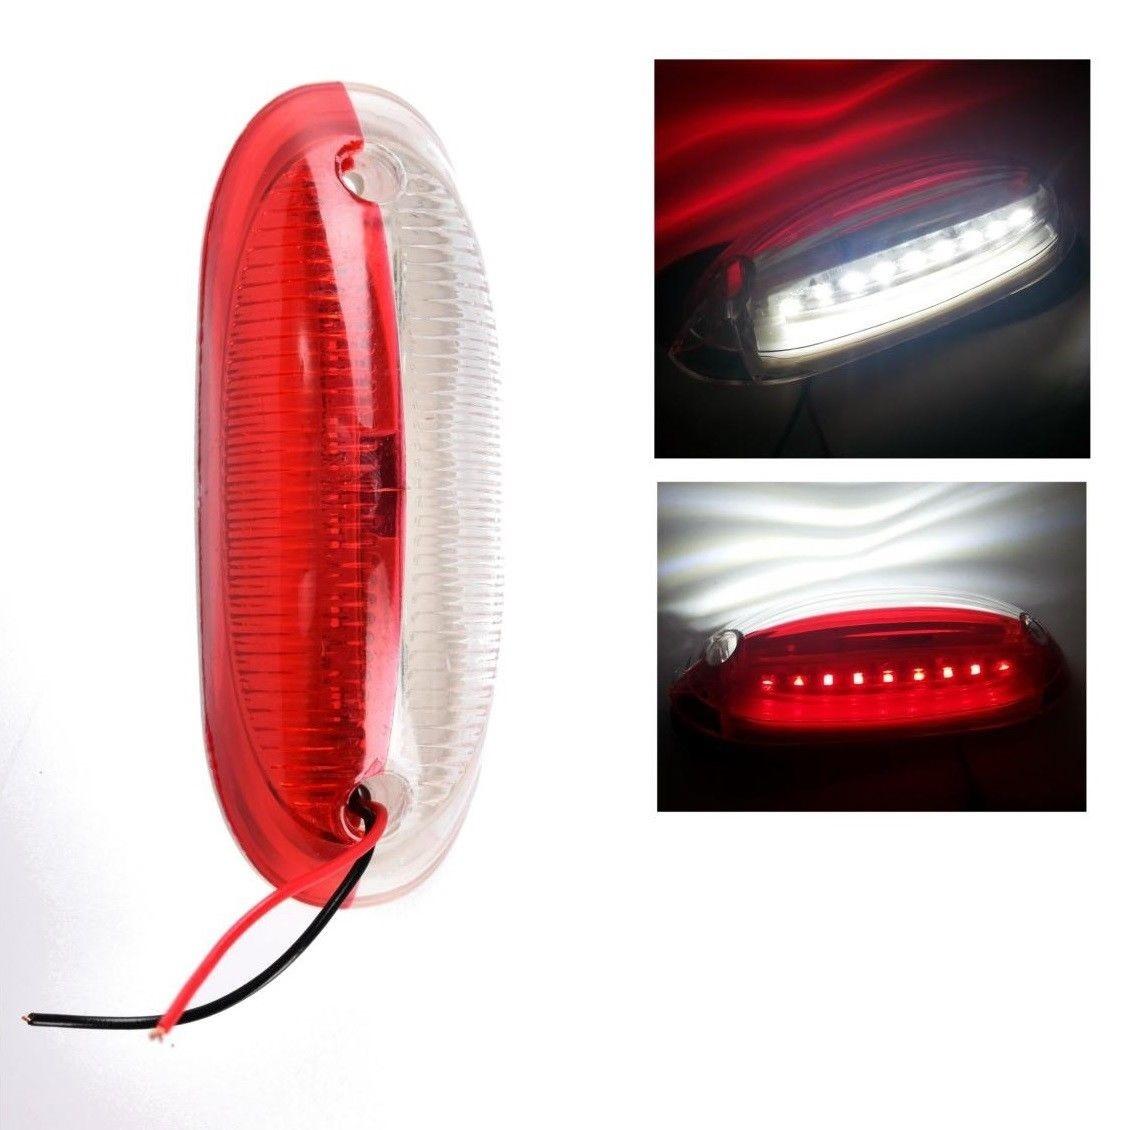 LED Όγκου Κατακόρυφα πλευρικά θέσης 12V 24V IP66 Κόκκινό Λευκό